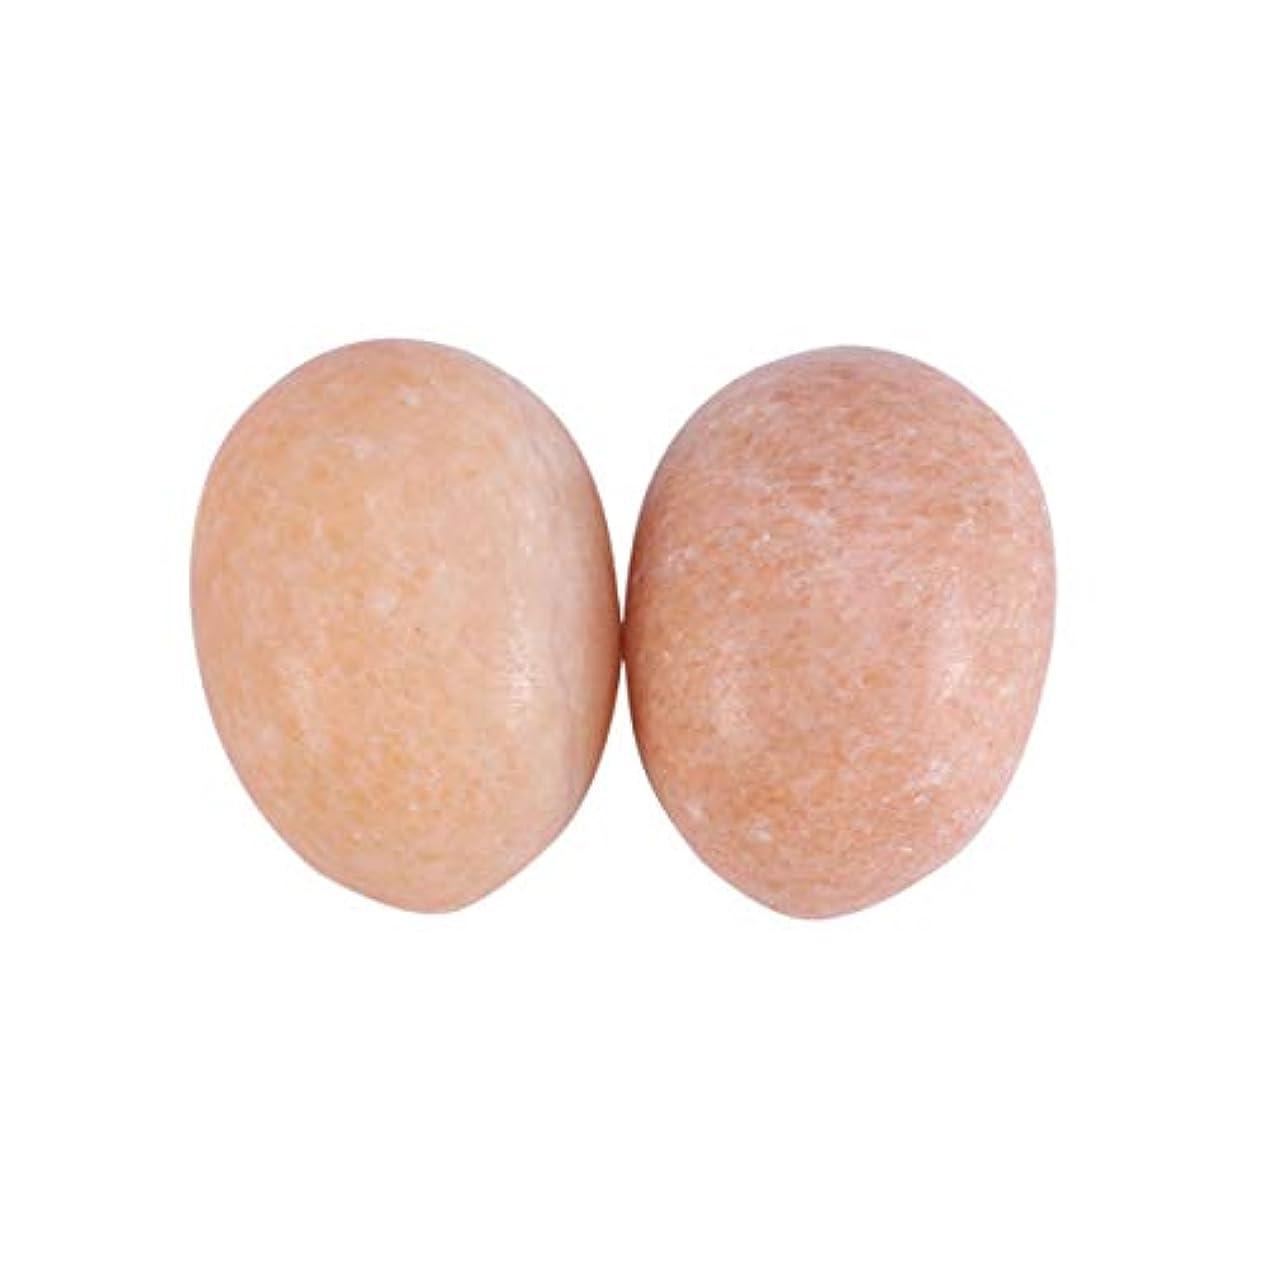 おばあさん光放棄されたHealifty 6PCS玉ヨニ卵マッサージ癒しの石のケゲル運動骨盤底筋運動(日没赤)